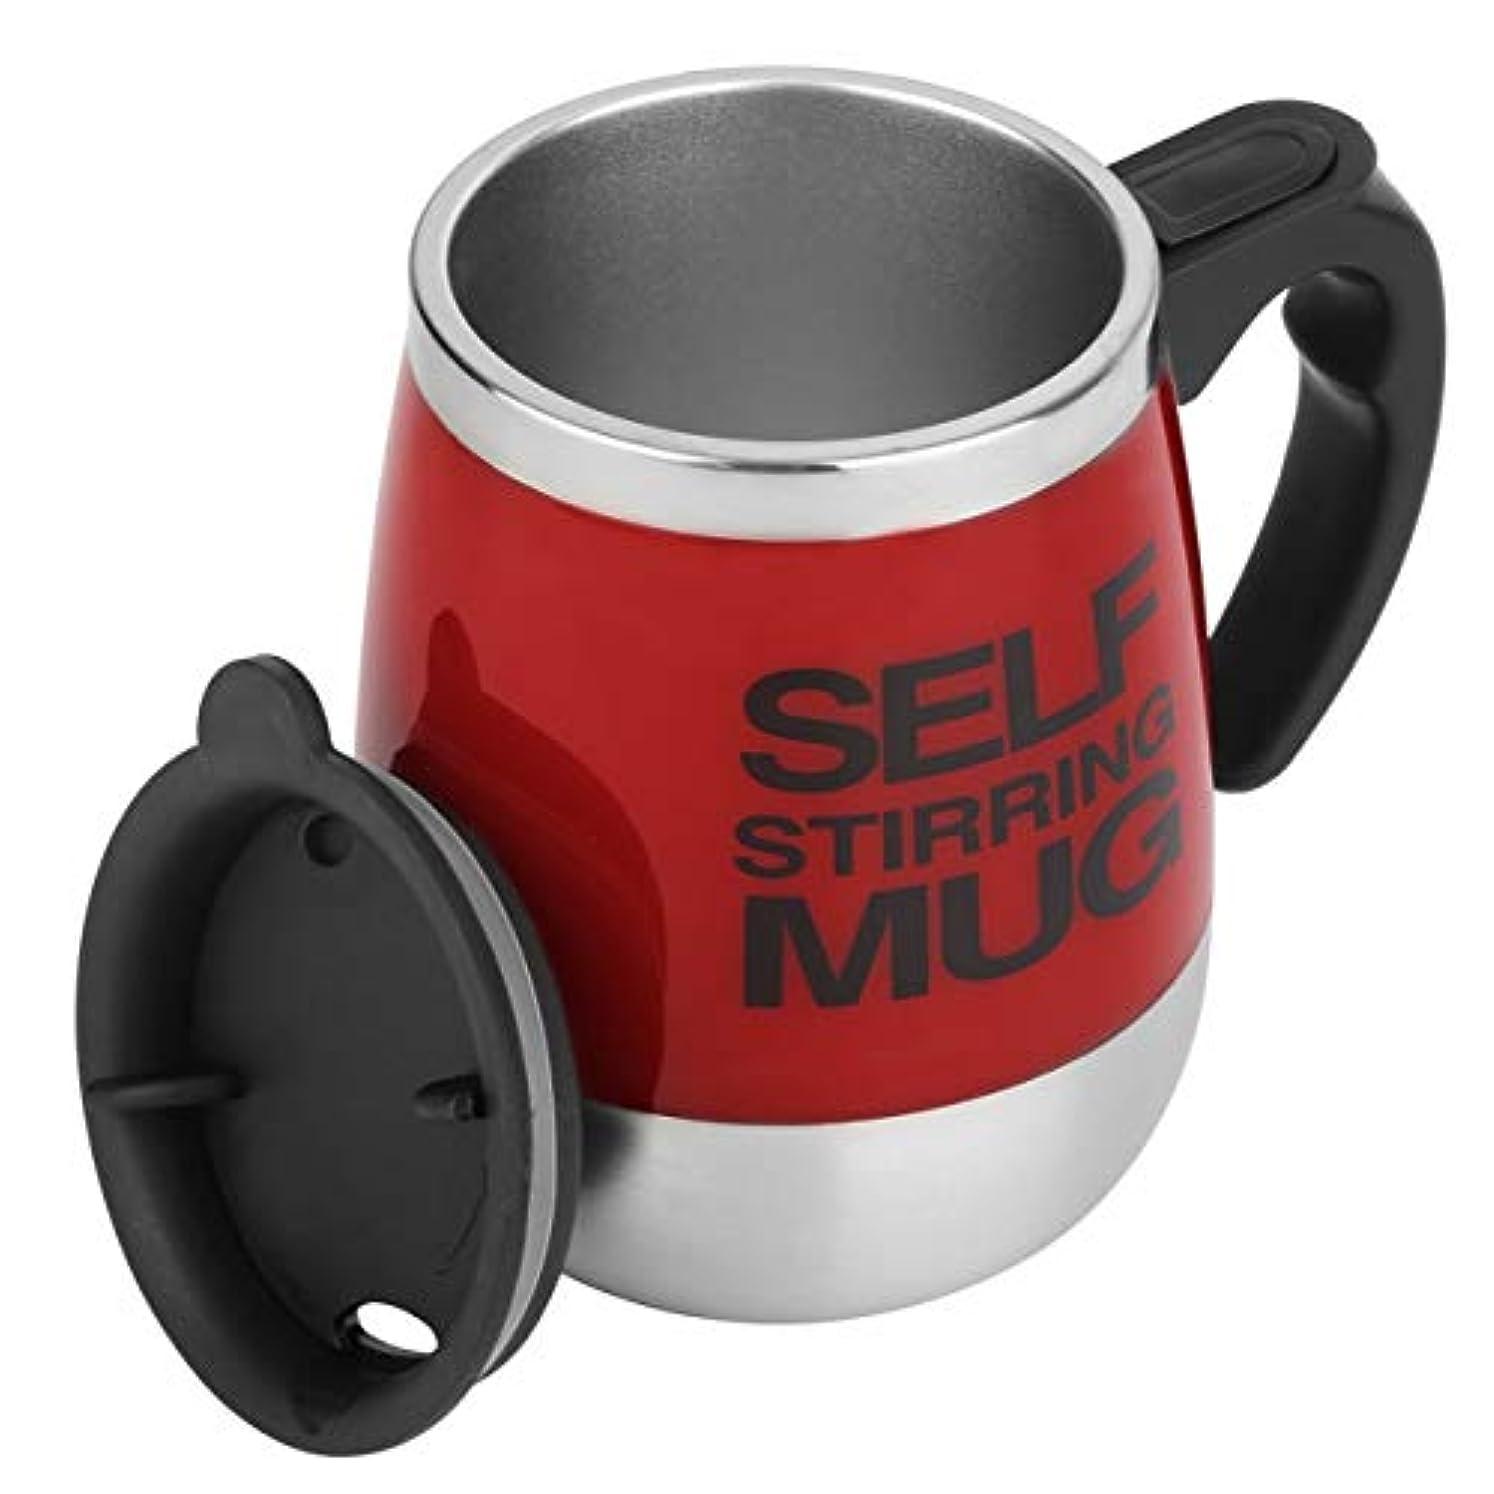 場所フィールドロードハウスSaikogoods 450ミリリットル ステンレス鋼 自己攪拌マグカップ 自動ミキシング ティーコーヒーカップ 自動 電気コーヒーカップを飲みます 赤